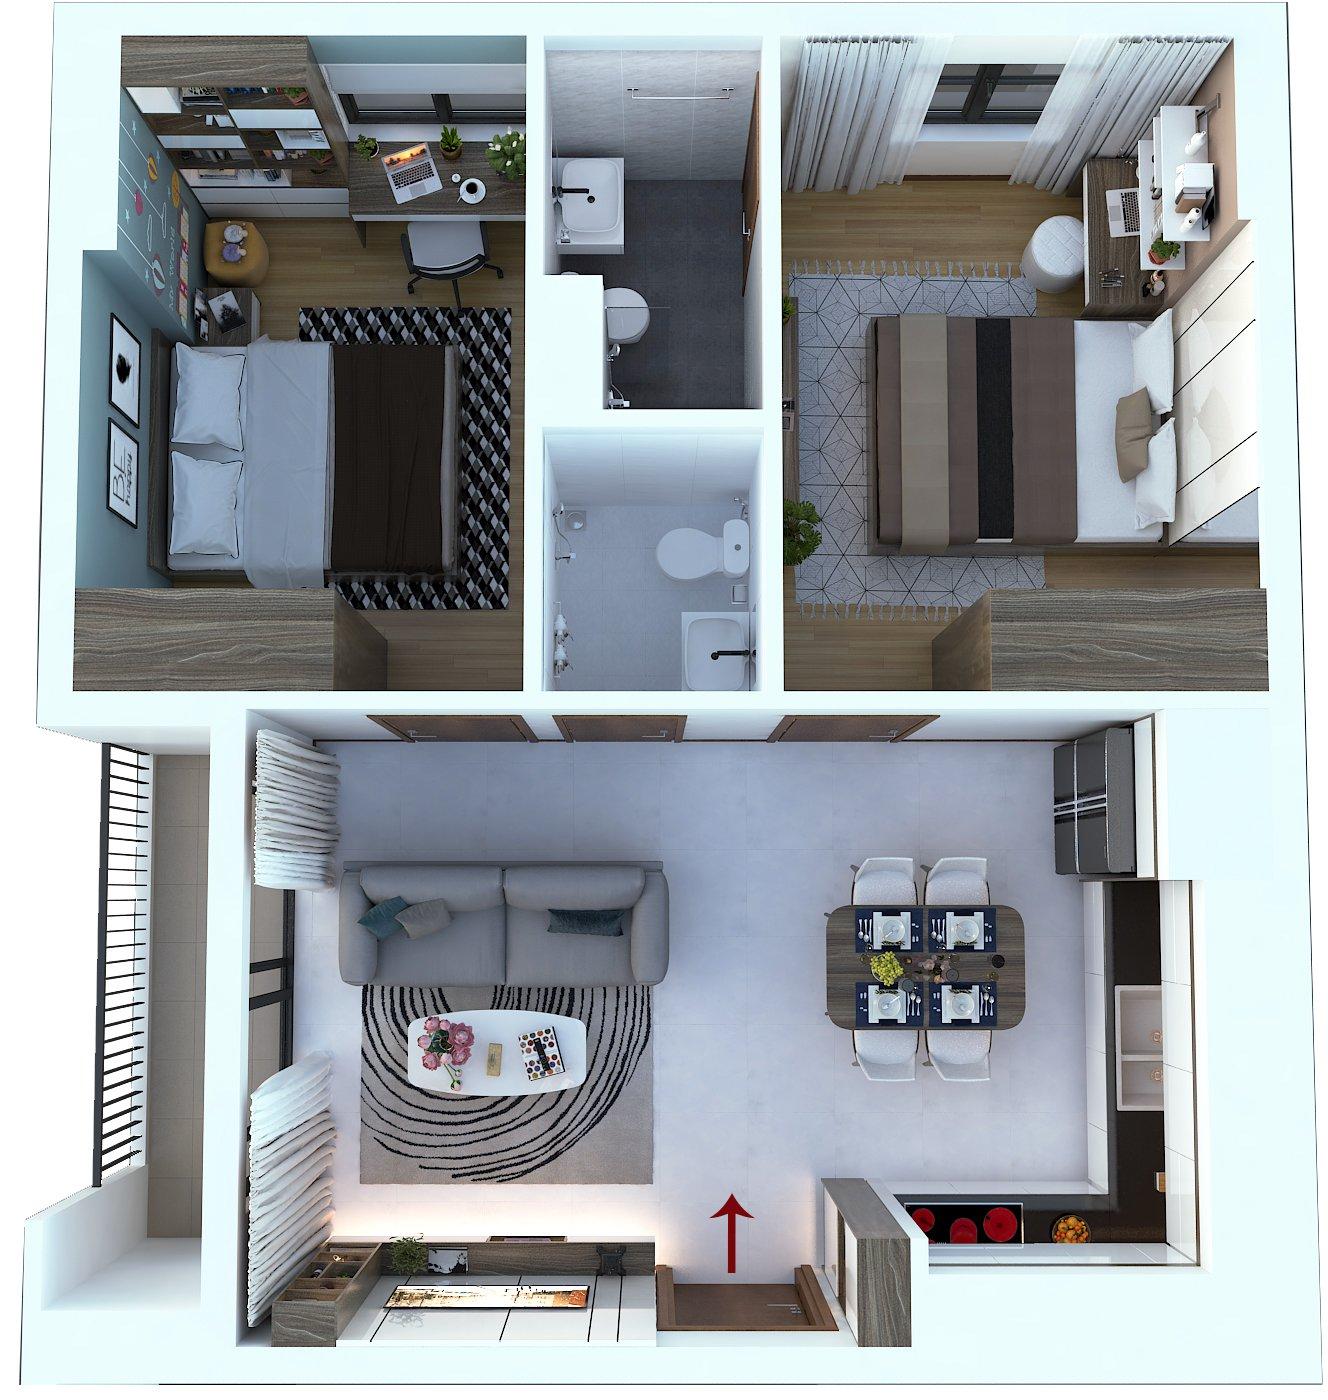 Thiết kế căn hộ Bcons Suối Tiên 2 phòng ngủ căn góc